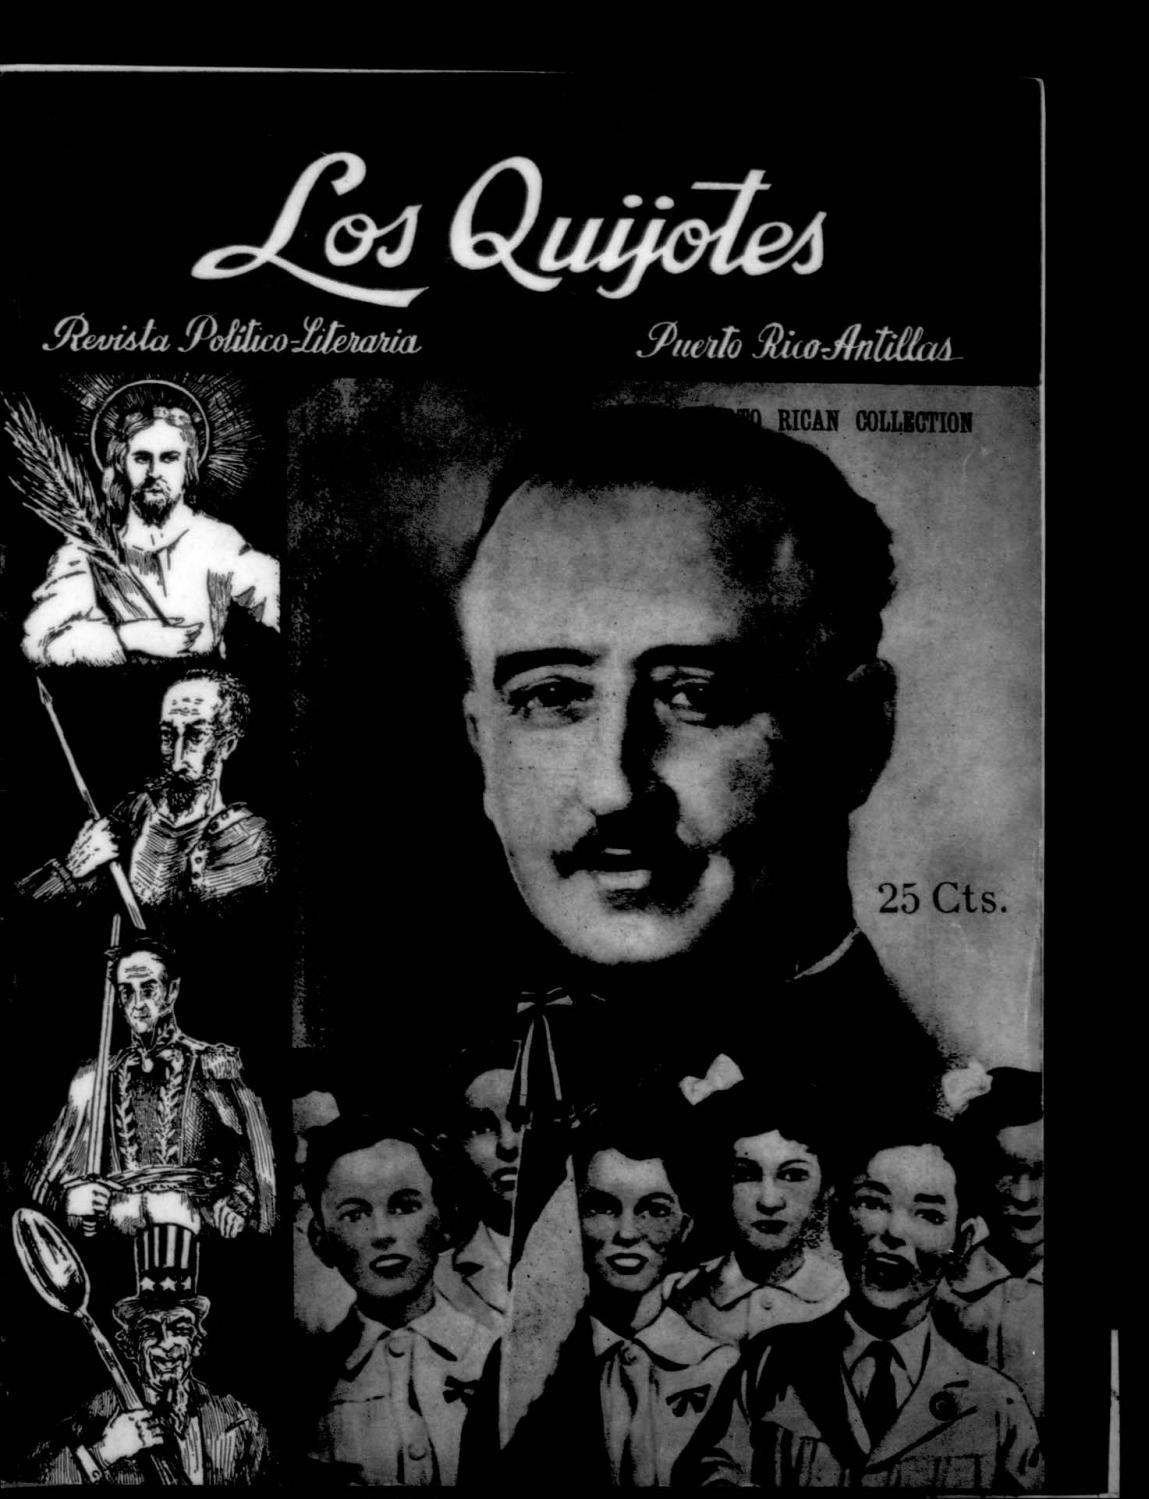 Los Quijotes 14 Jun 1949 By La Coleccion Puertorriquena Issuu